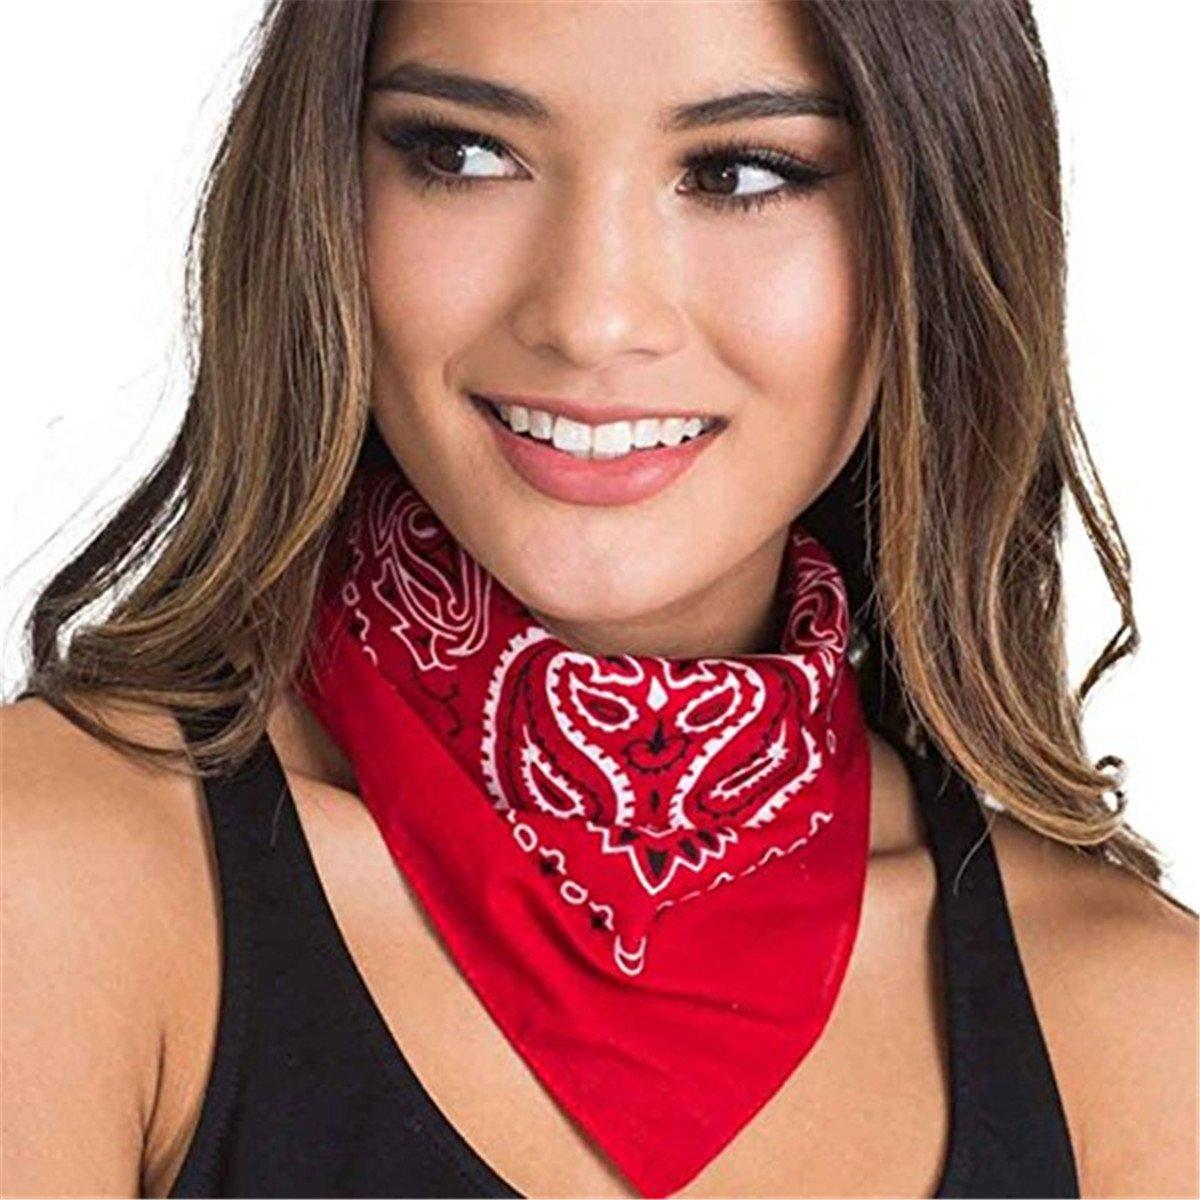 Bandana Kopftuch Halstuch - Tuch Paisley 100% Baumwolle Halstuch Kopftuch Schal